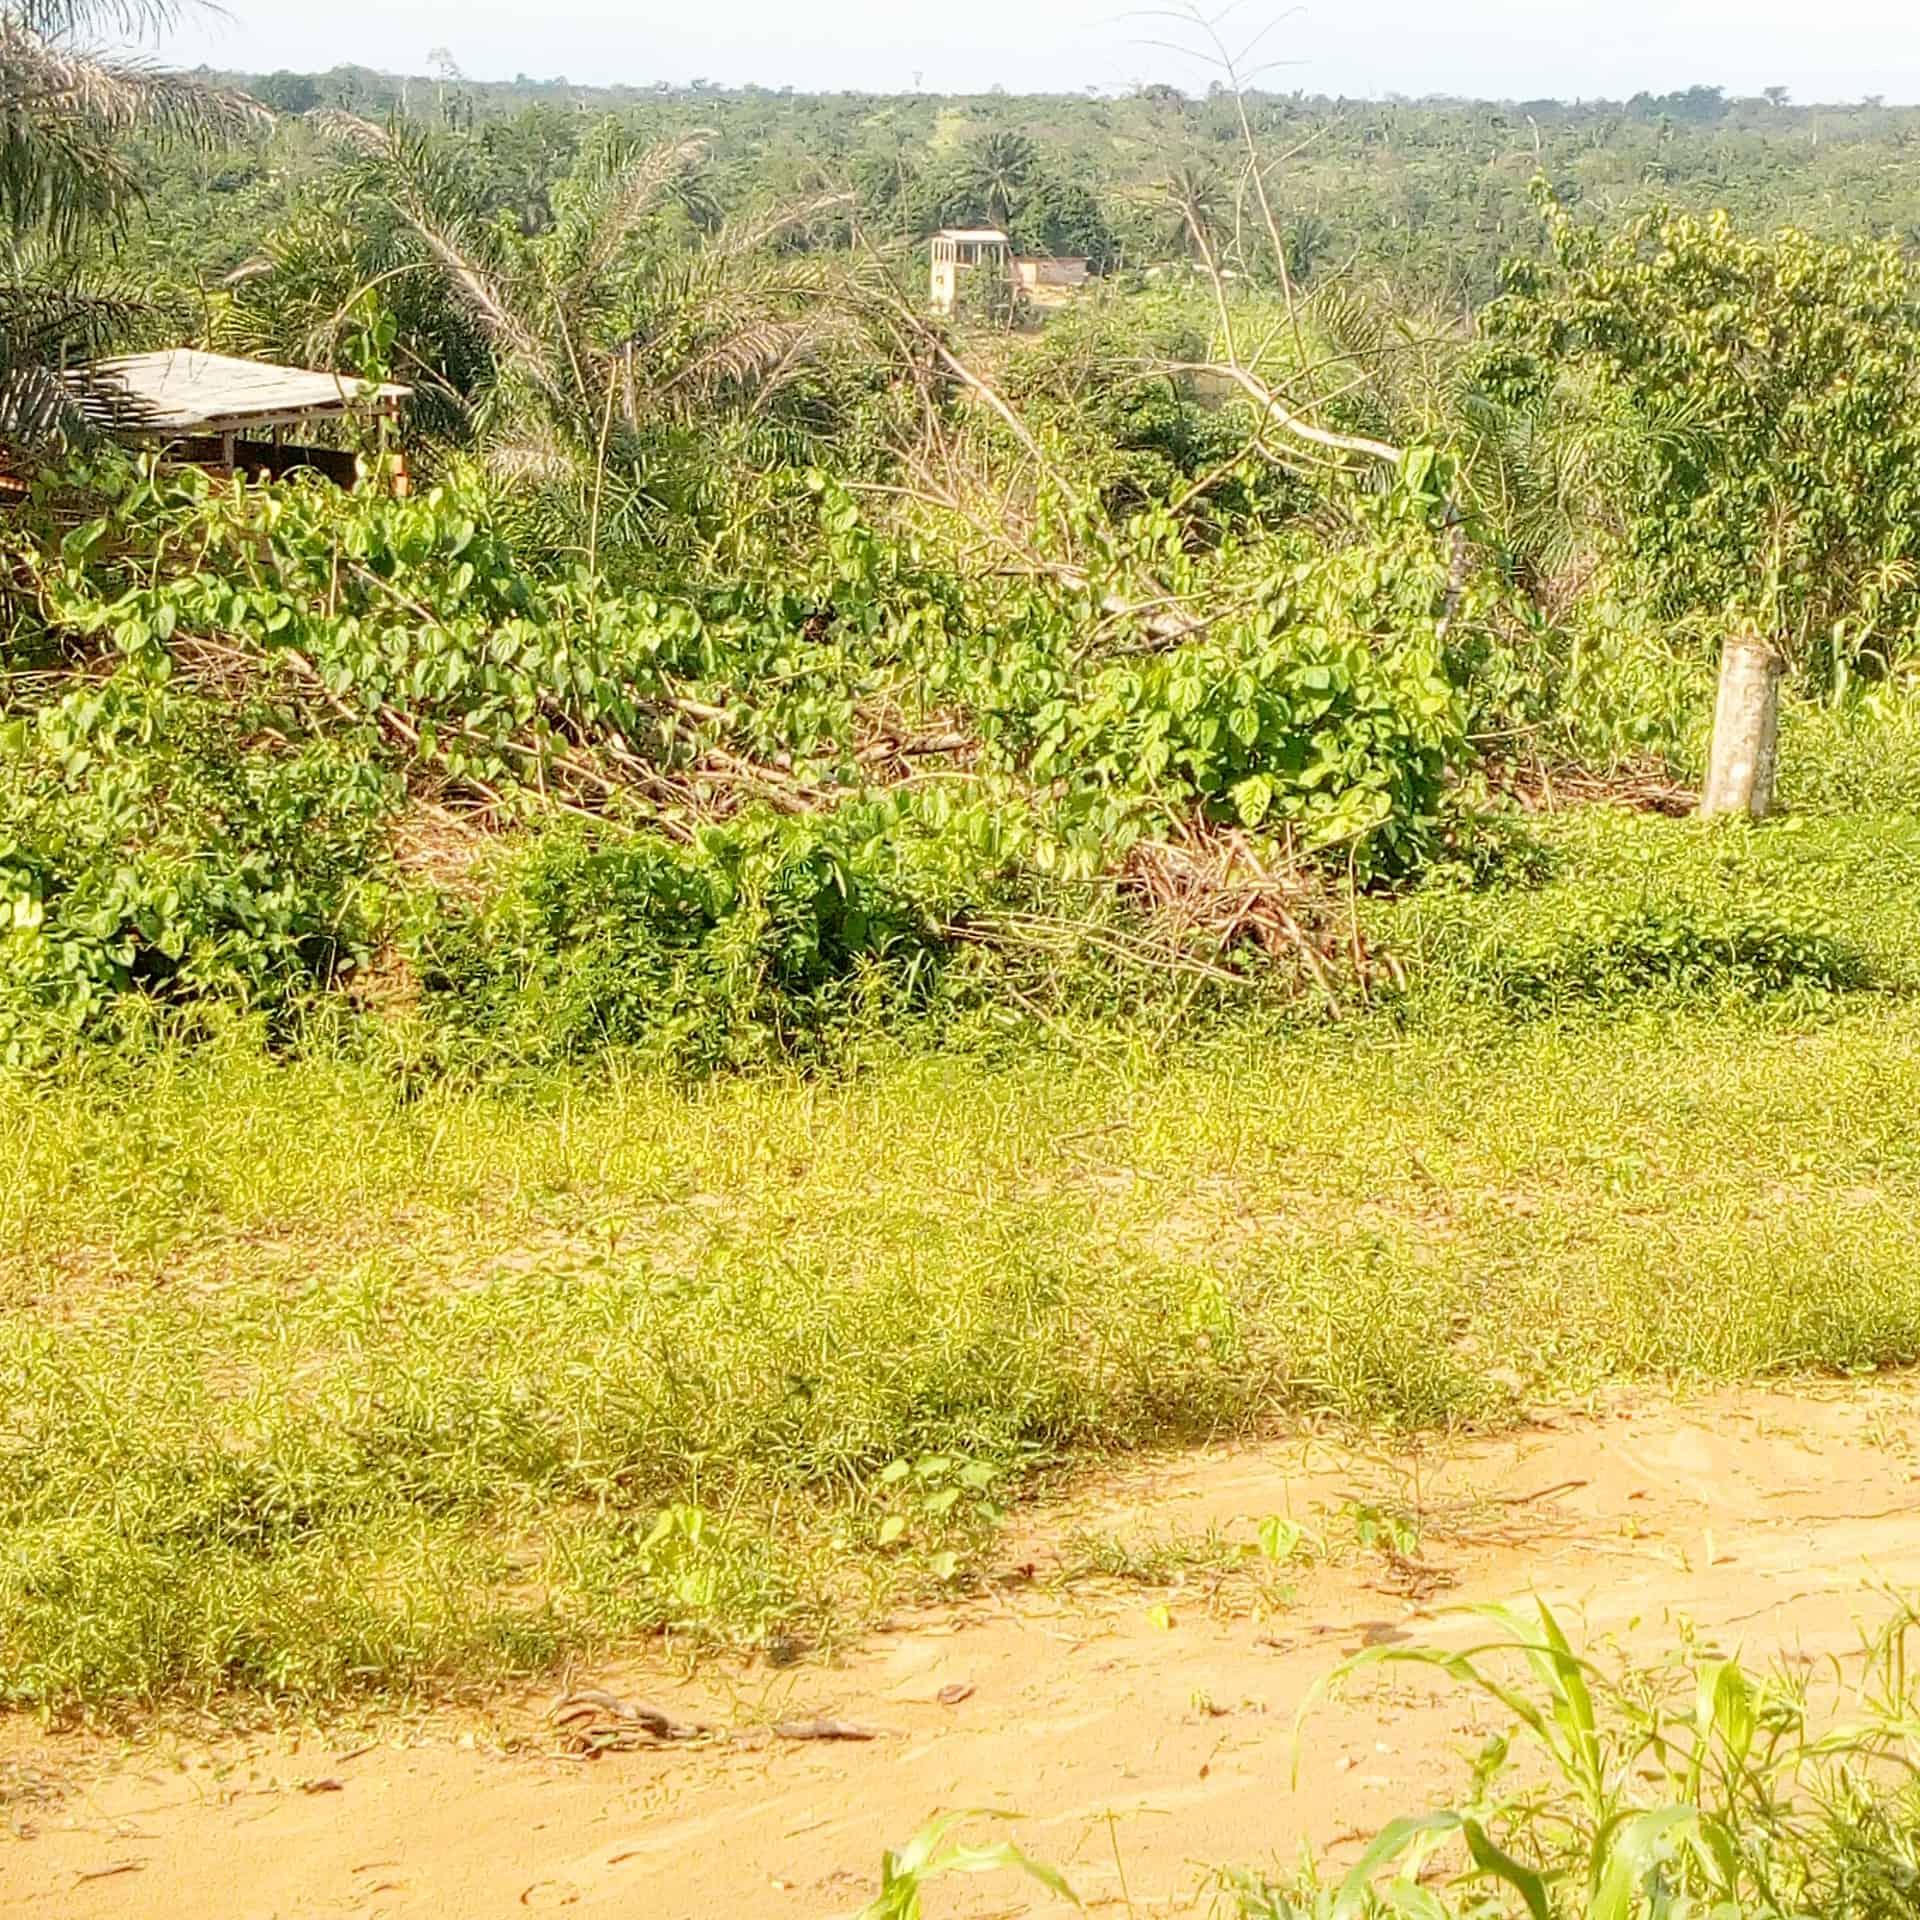 Land for sale at Douala, PK 24, Pk24 - 2000 m2 - 20 000 000 FCFA